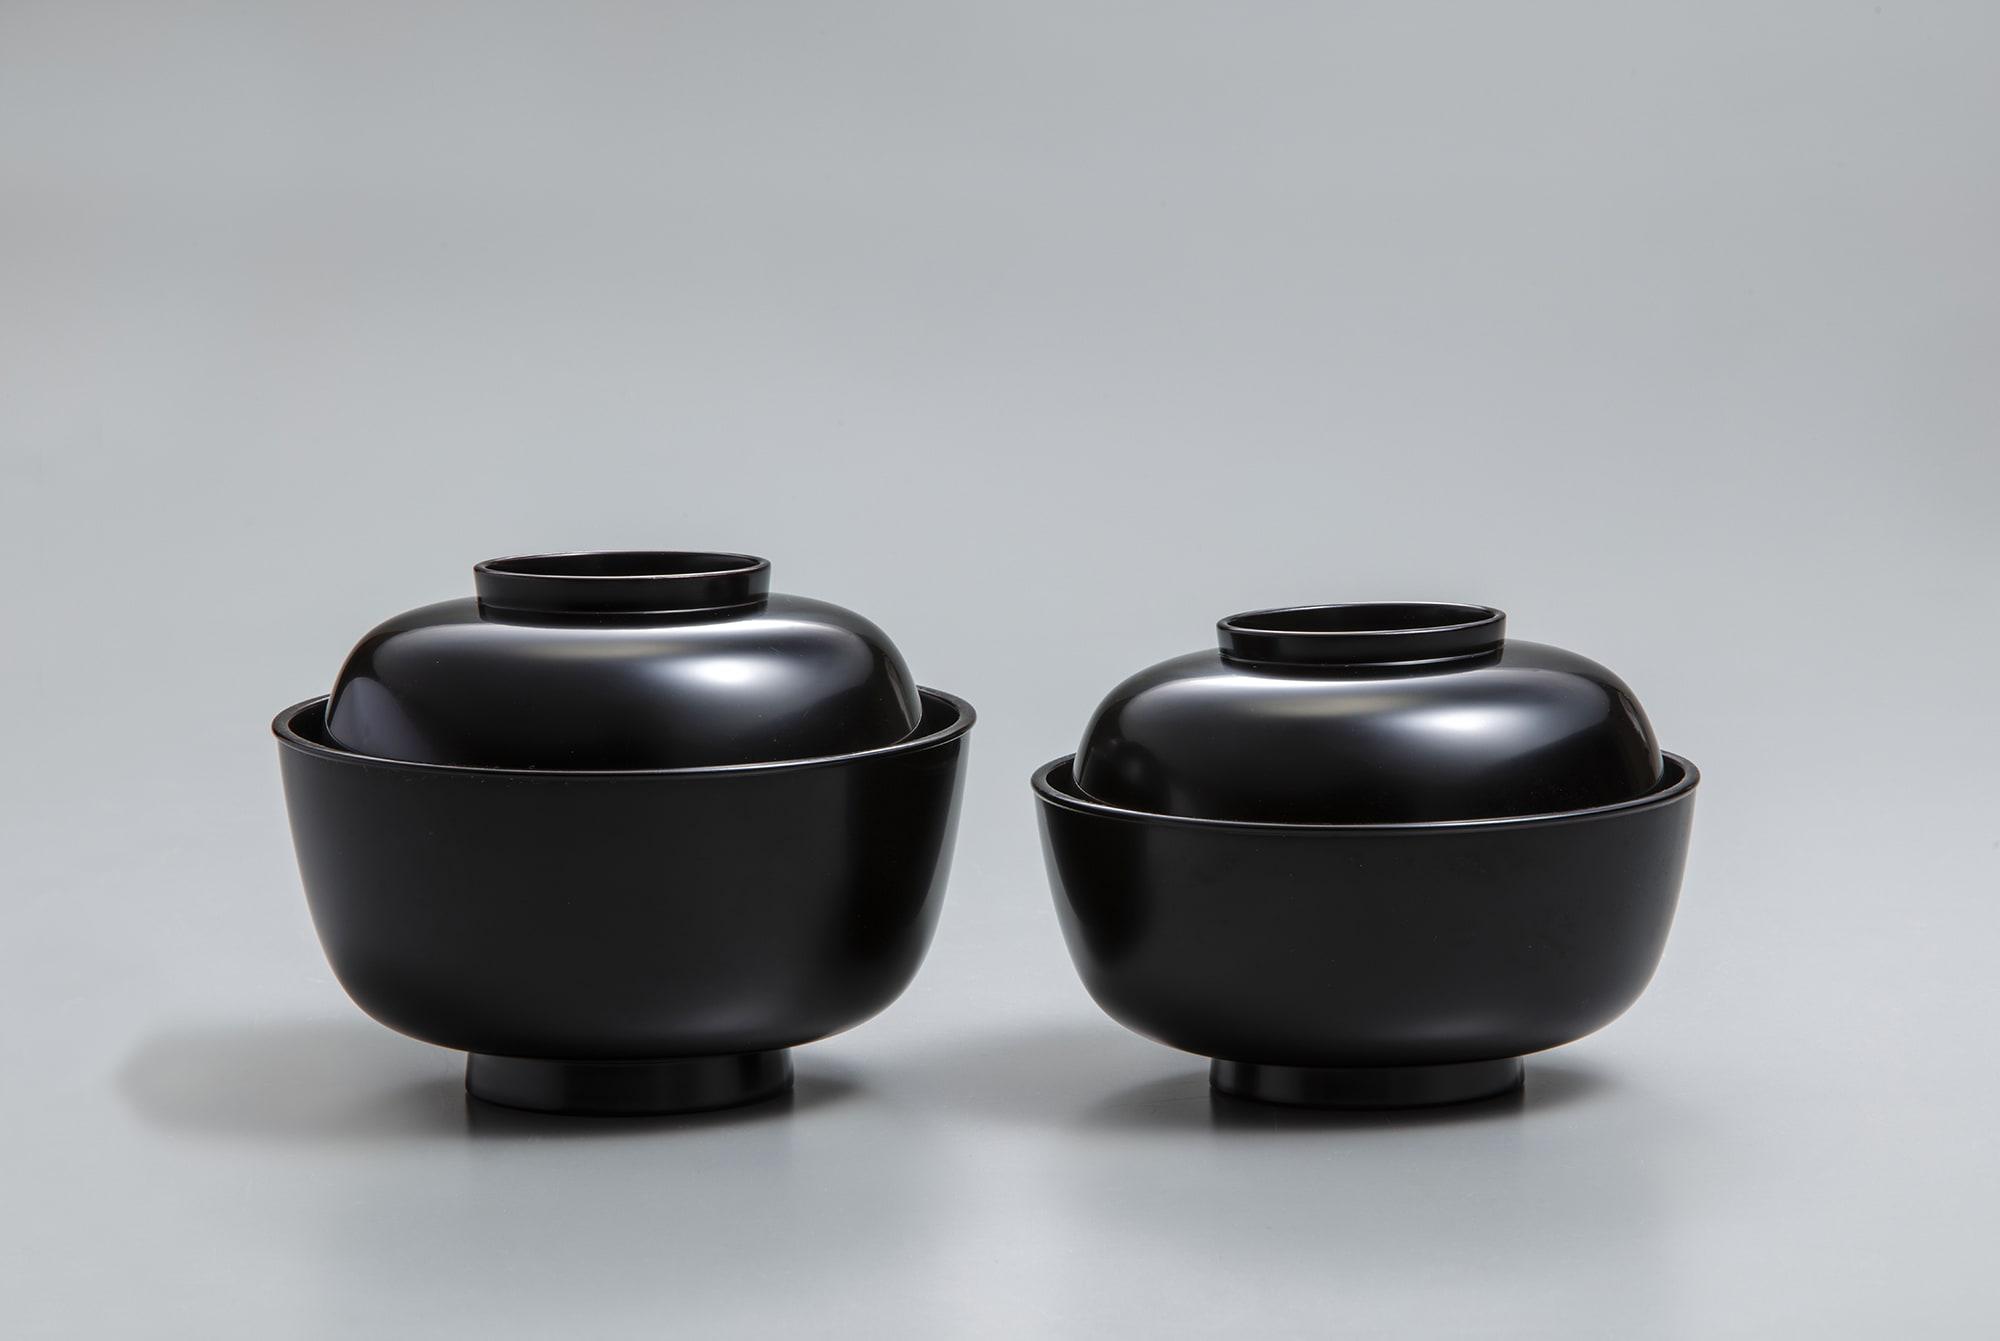 黒塗小丸椀(飯・汁) 八代中村宗哲 江戸時代・19 世紀